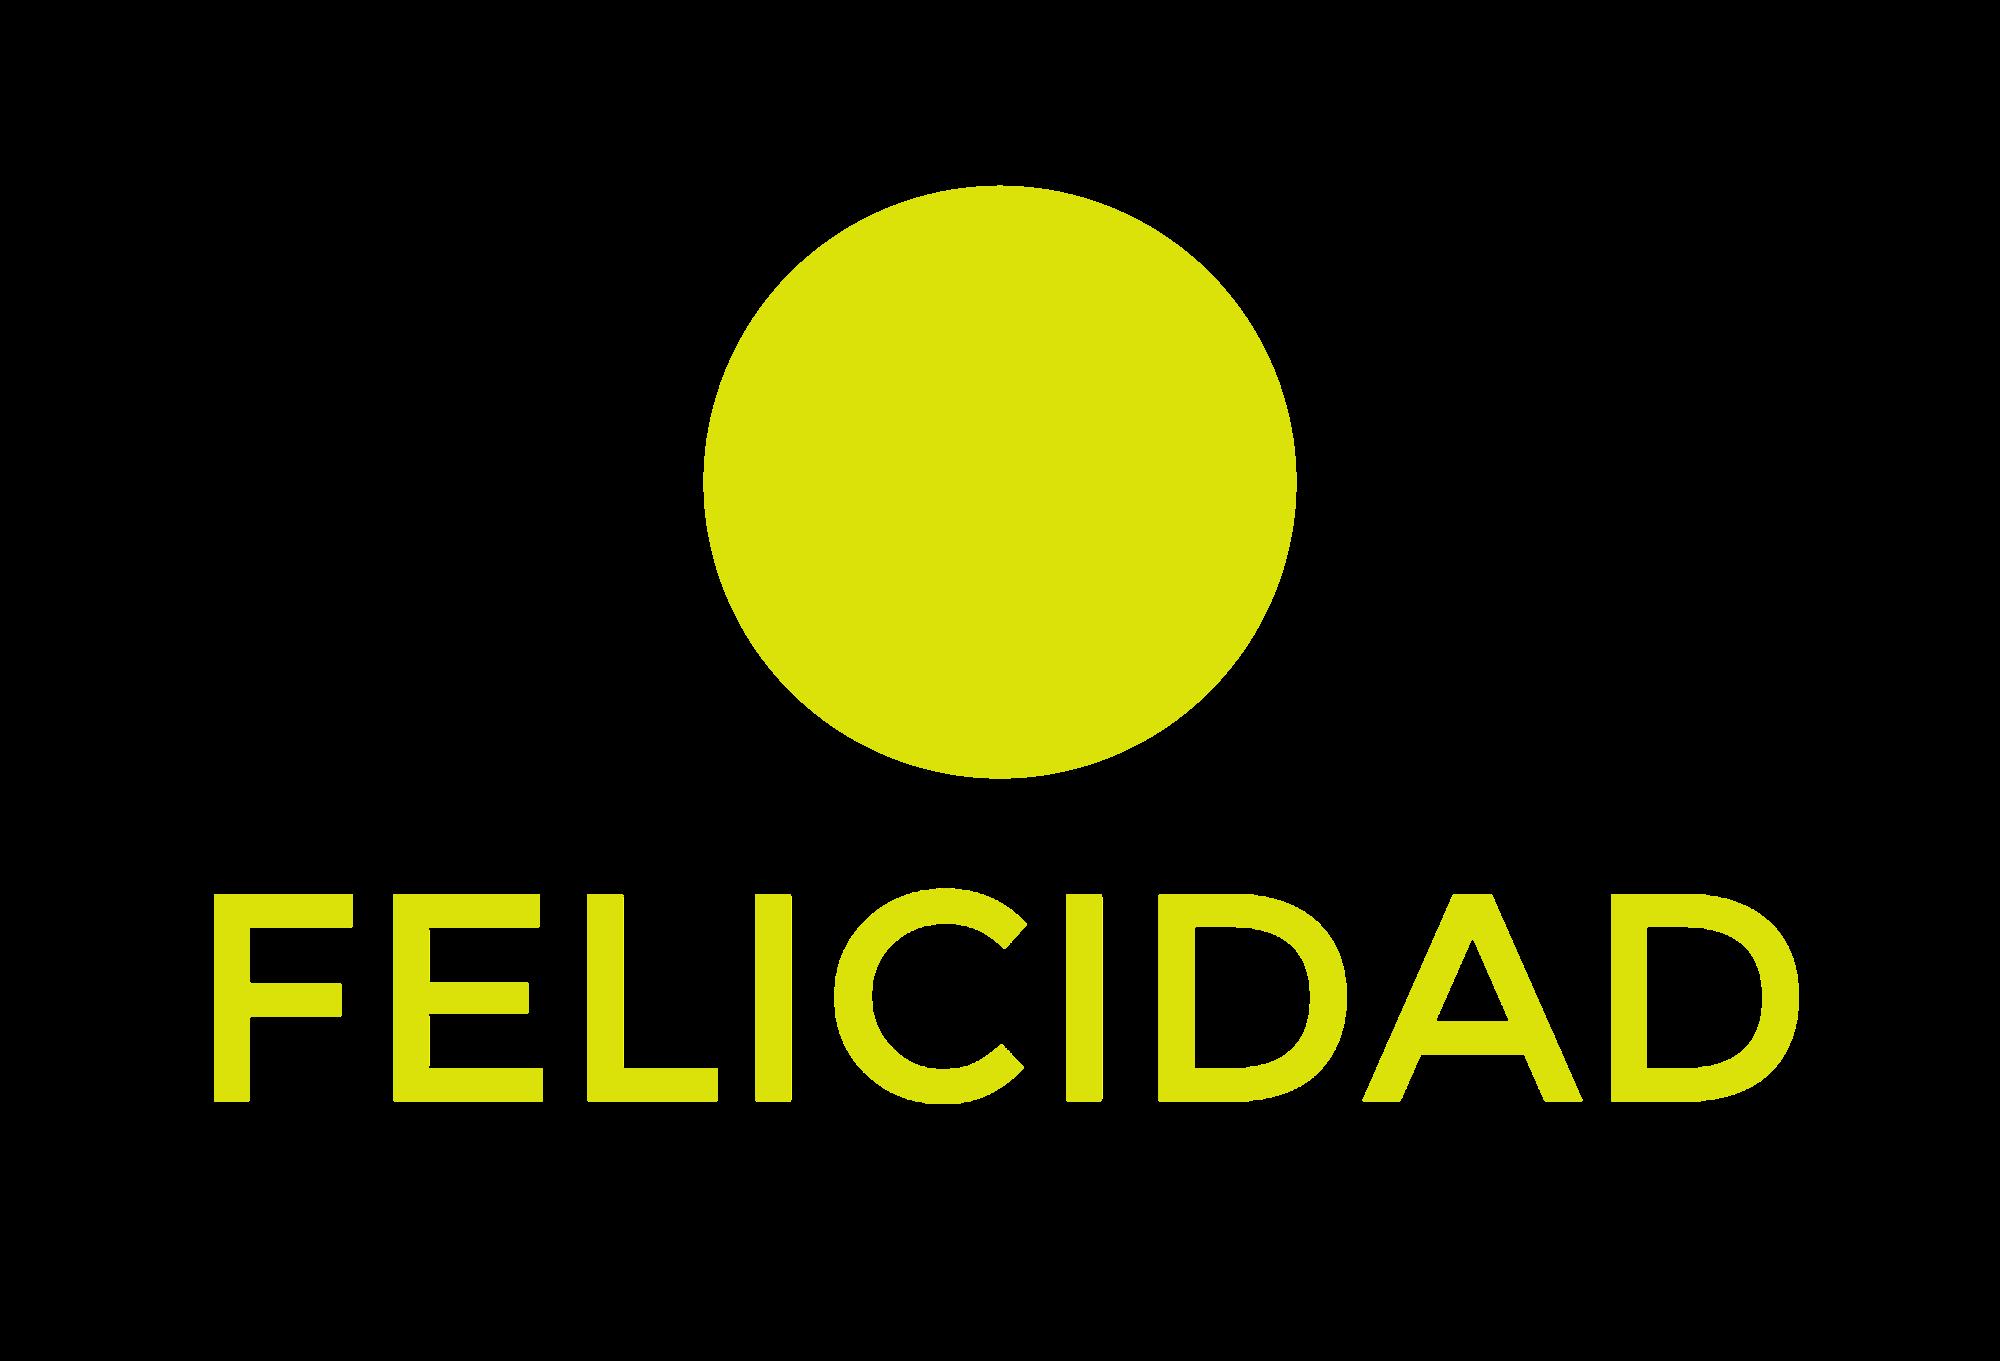 FELICIDAD-logo.png